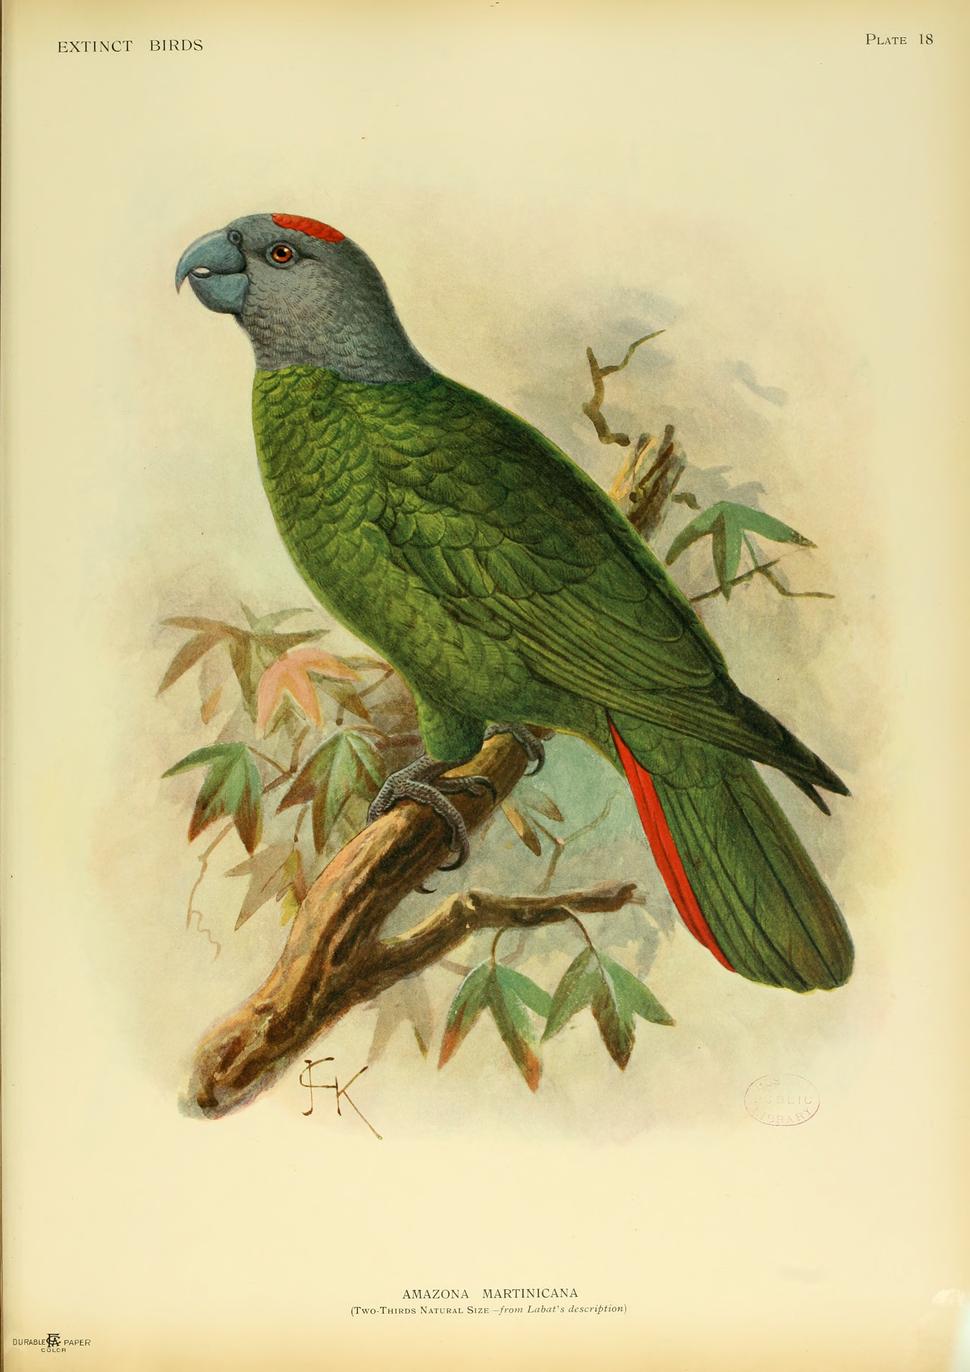 Extinctbirds1907 P18 Amazona martinicana0317